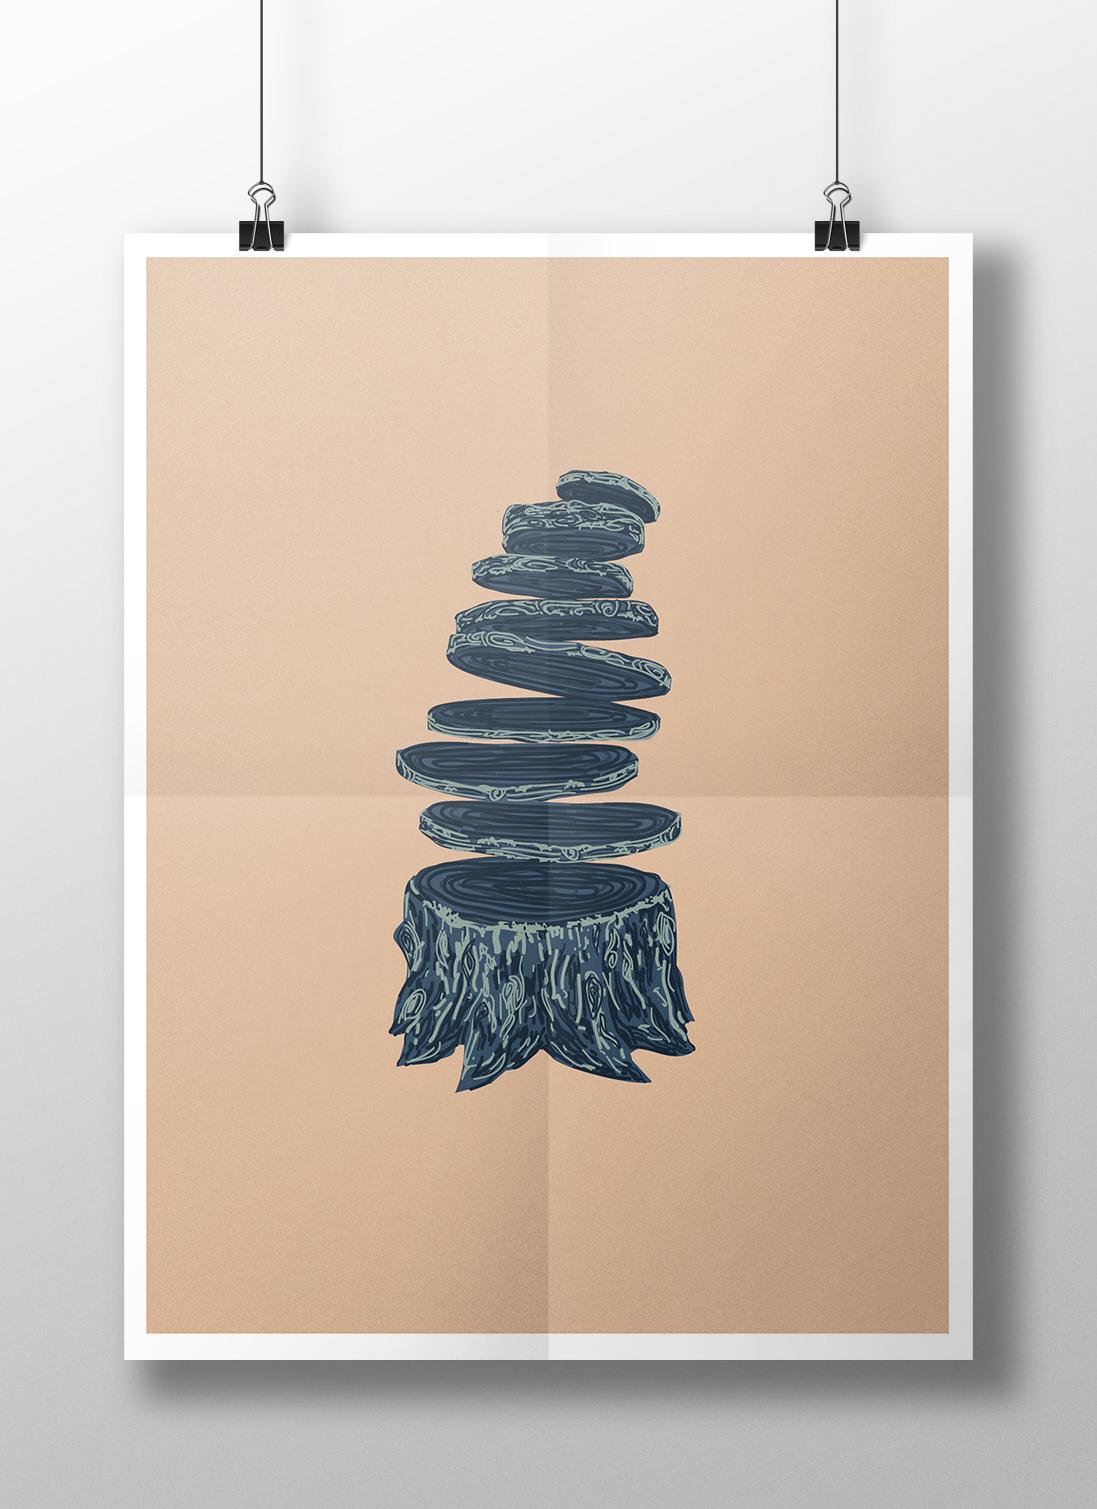 poster_treesteaks.jpg